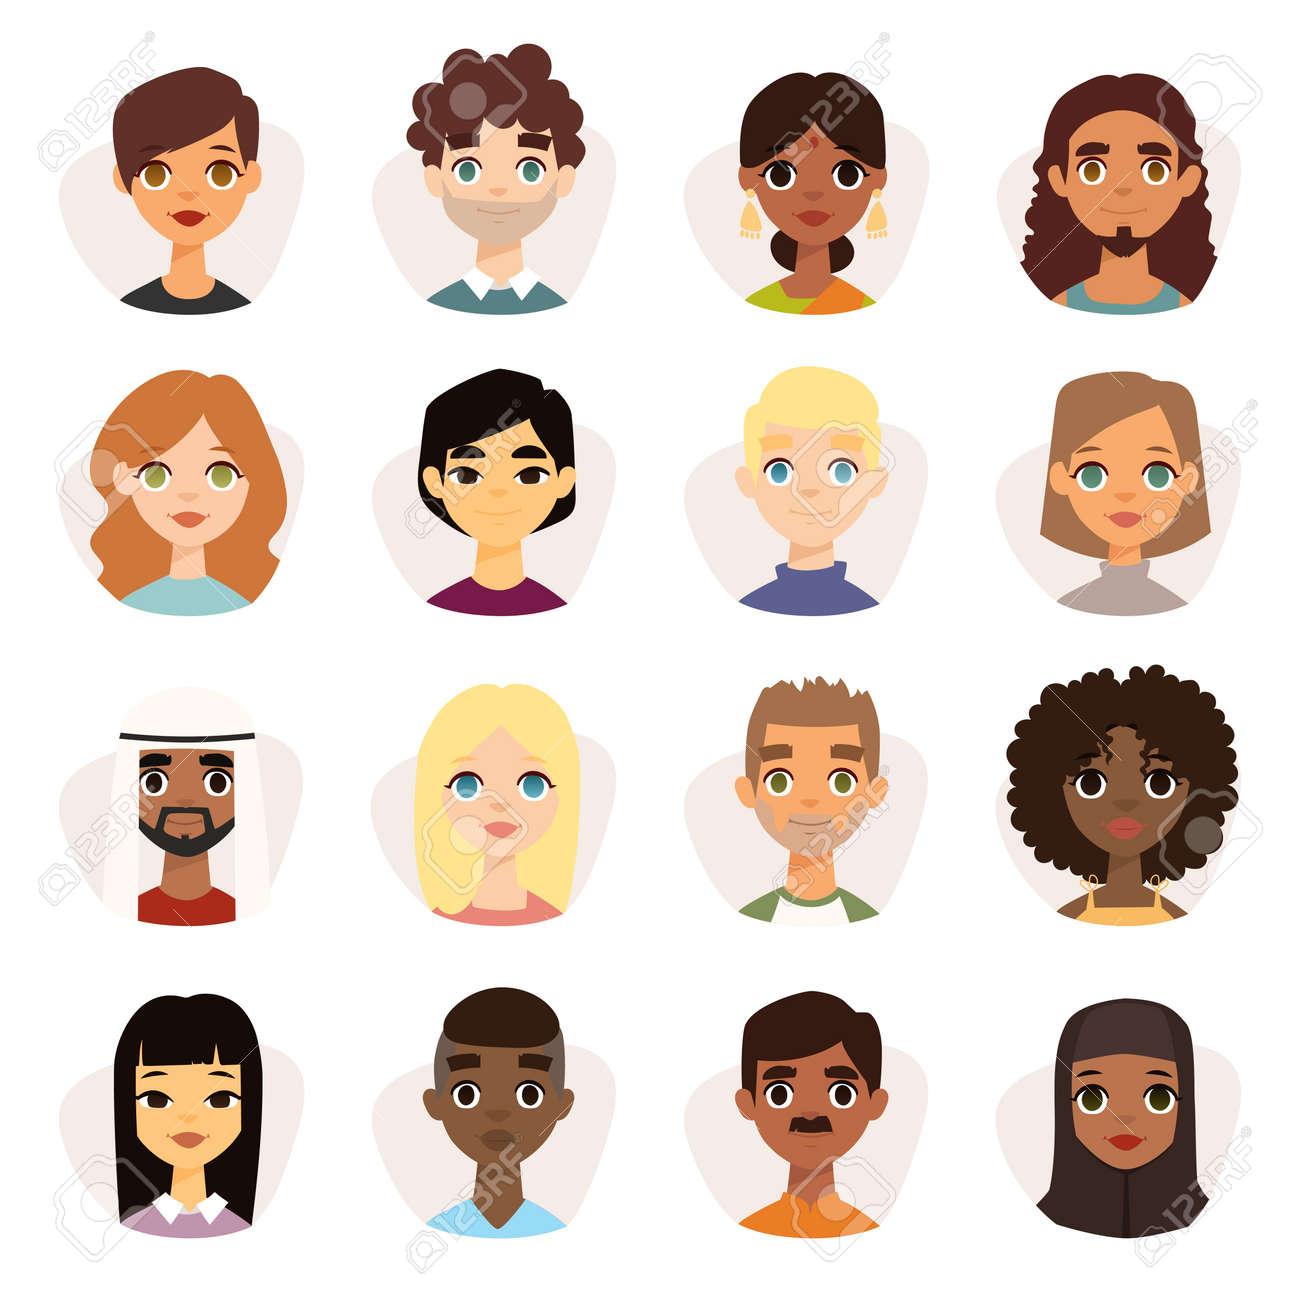 顔の特徴の異なる国籍、服とヘアスタイルで多様なラウンド アバターのセットです。可愛い国籍平らな漫画スタイル顔アバターの異なる国籍の男と女。